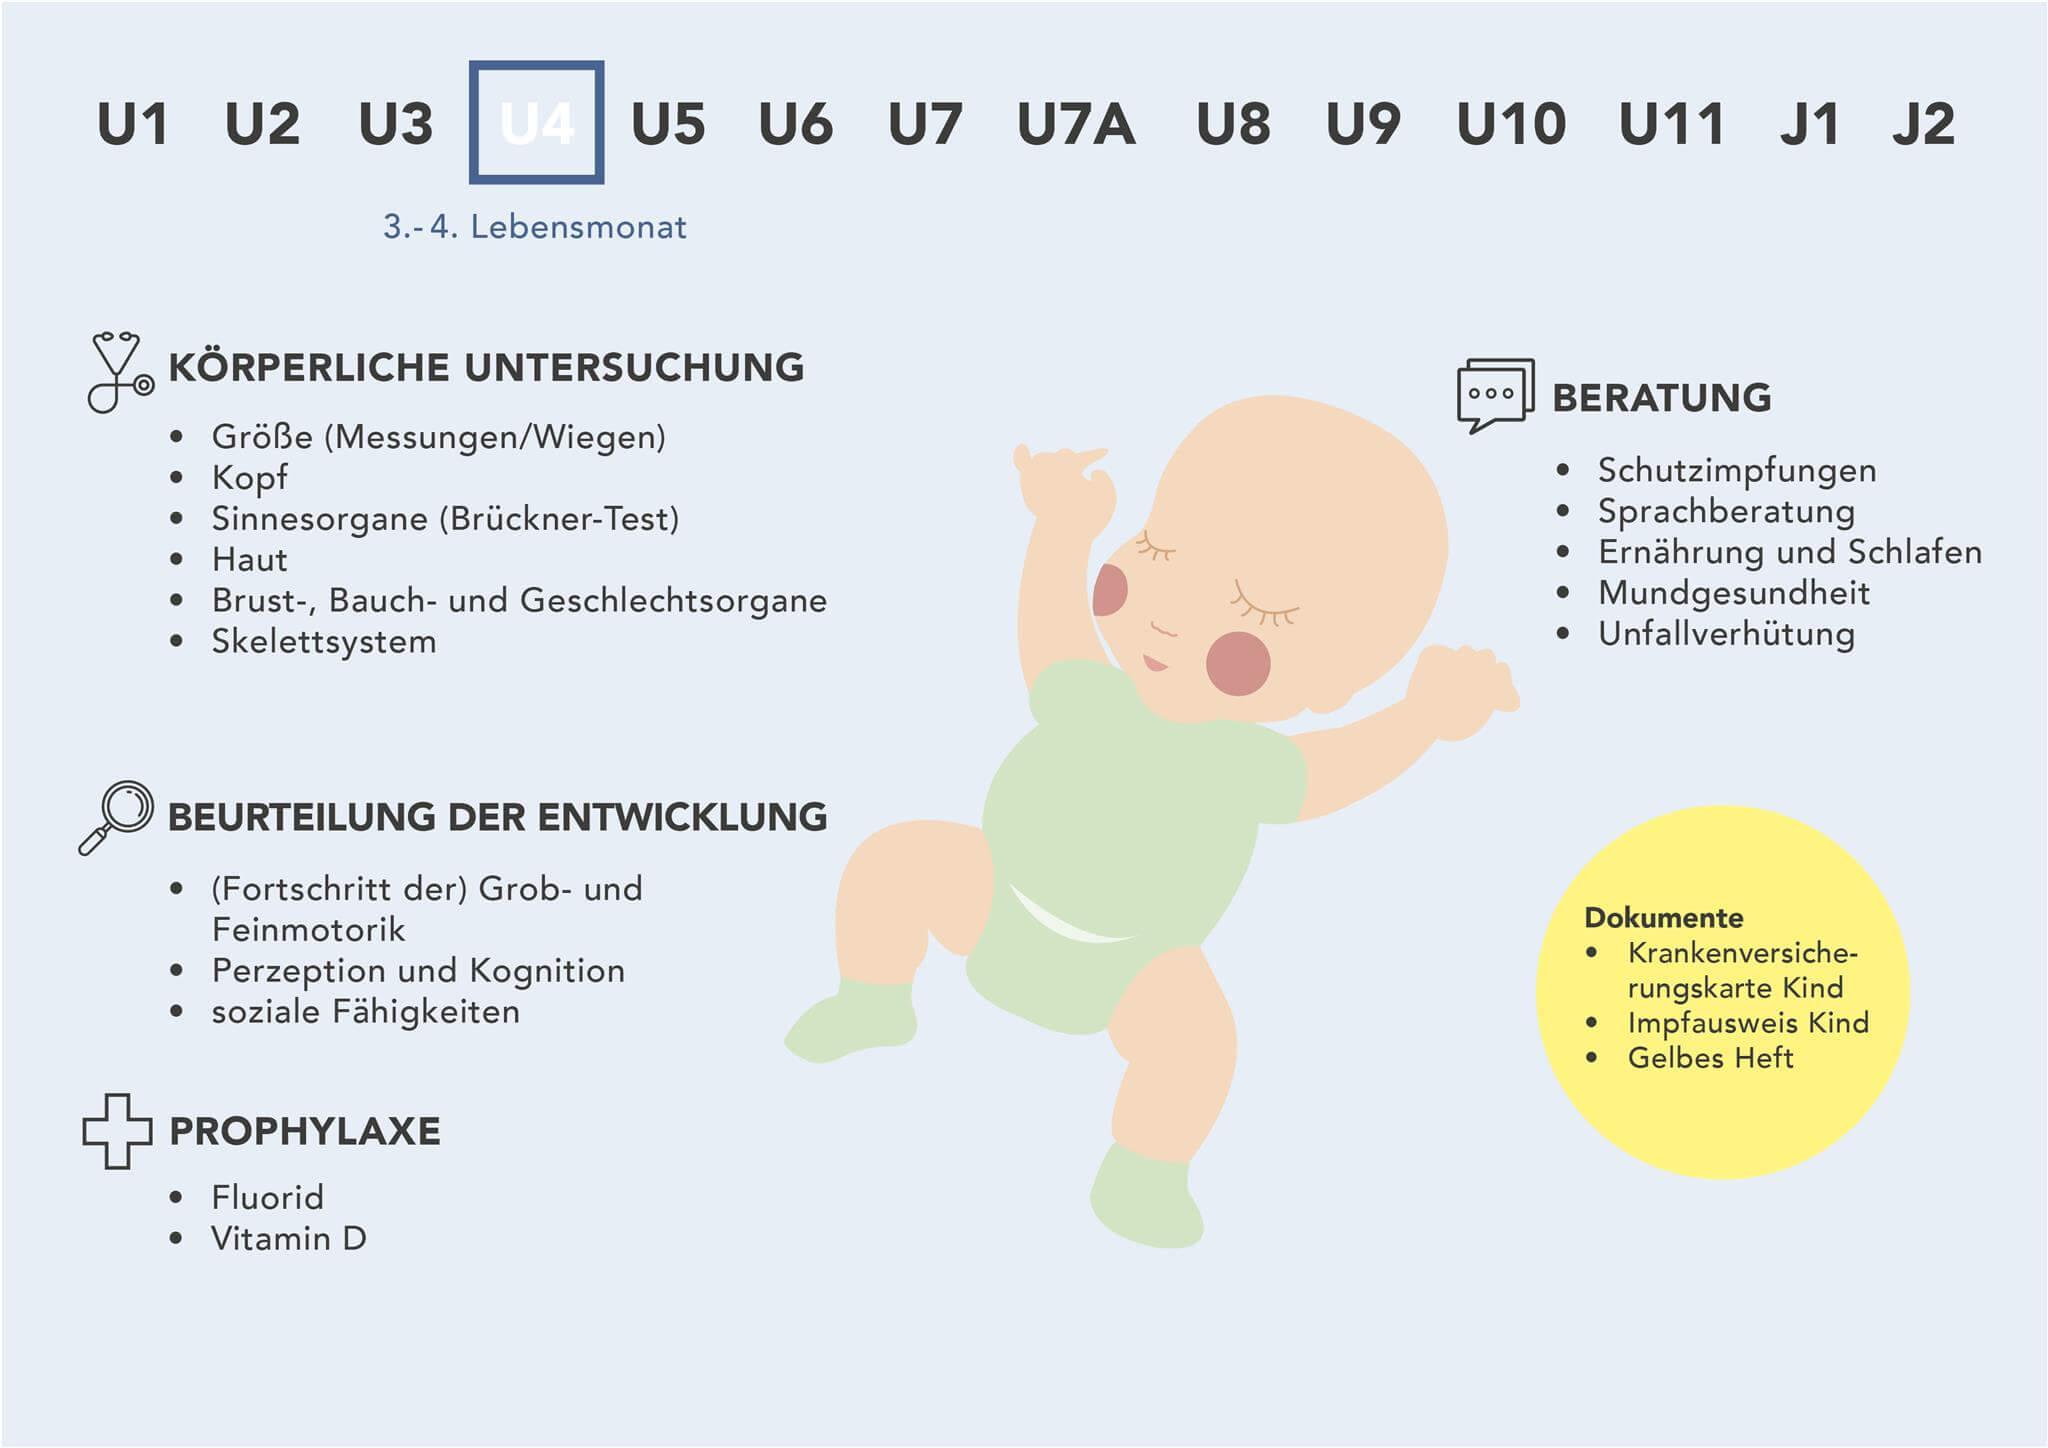 Fakten zur U4-Untersuchung - Grafische Darstellung